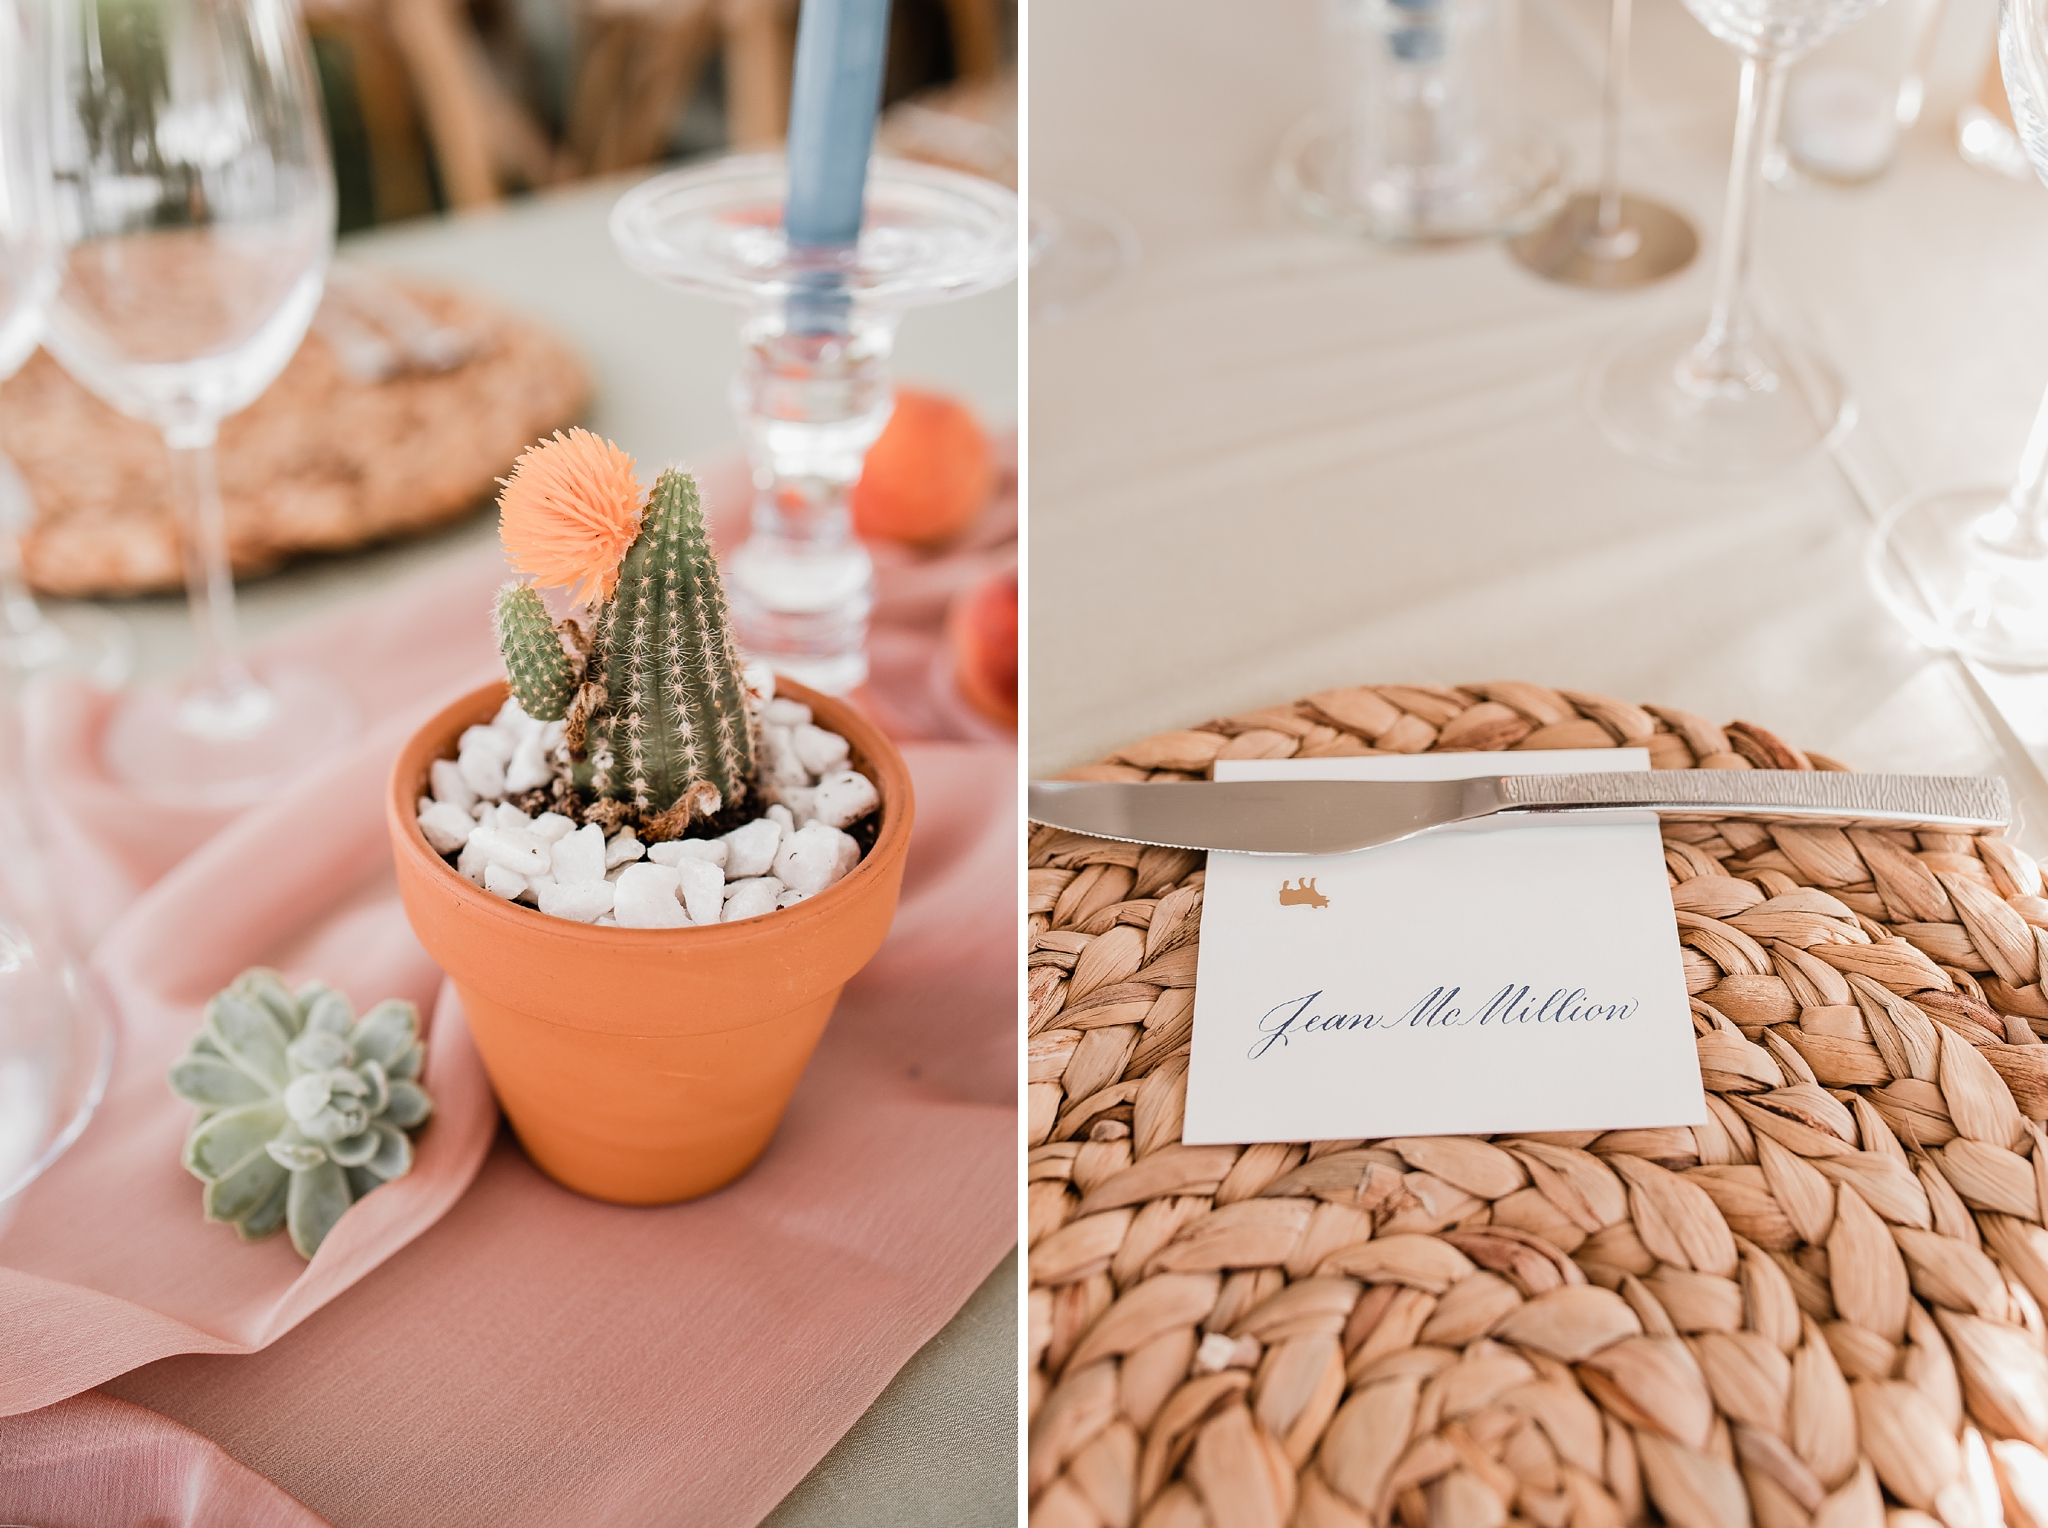 Alicia+lucia+photography+-+albuquerque+wedding+photographer+-+santa+fe+wedding+photography+-+new+mexico+wedding+photographer+-+new+mexico+wedding+-+las+campanas+wedding+-+santa+fe+wedding+-+maximalist+wedding+-+destination+wedding_0130.jpg